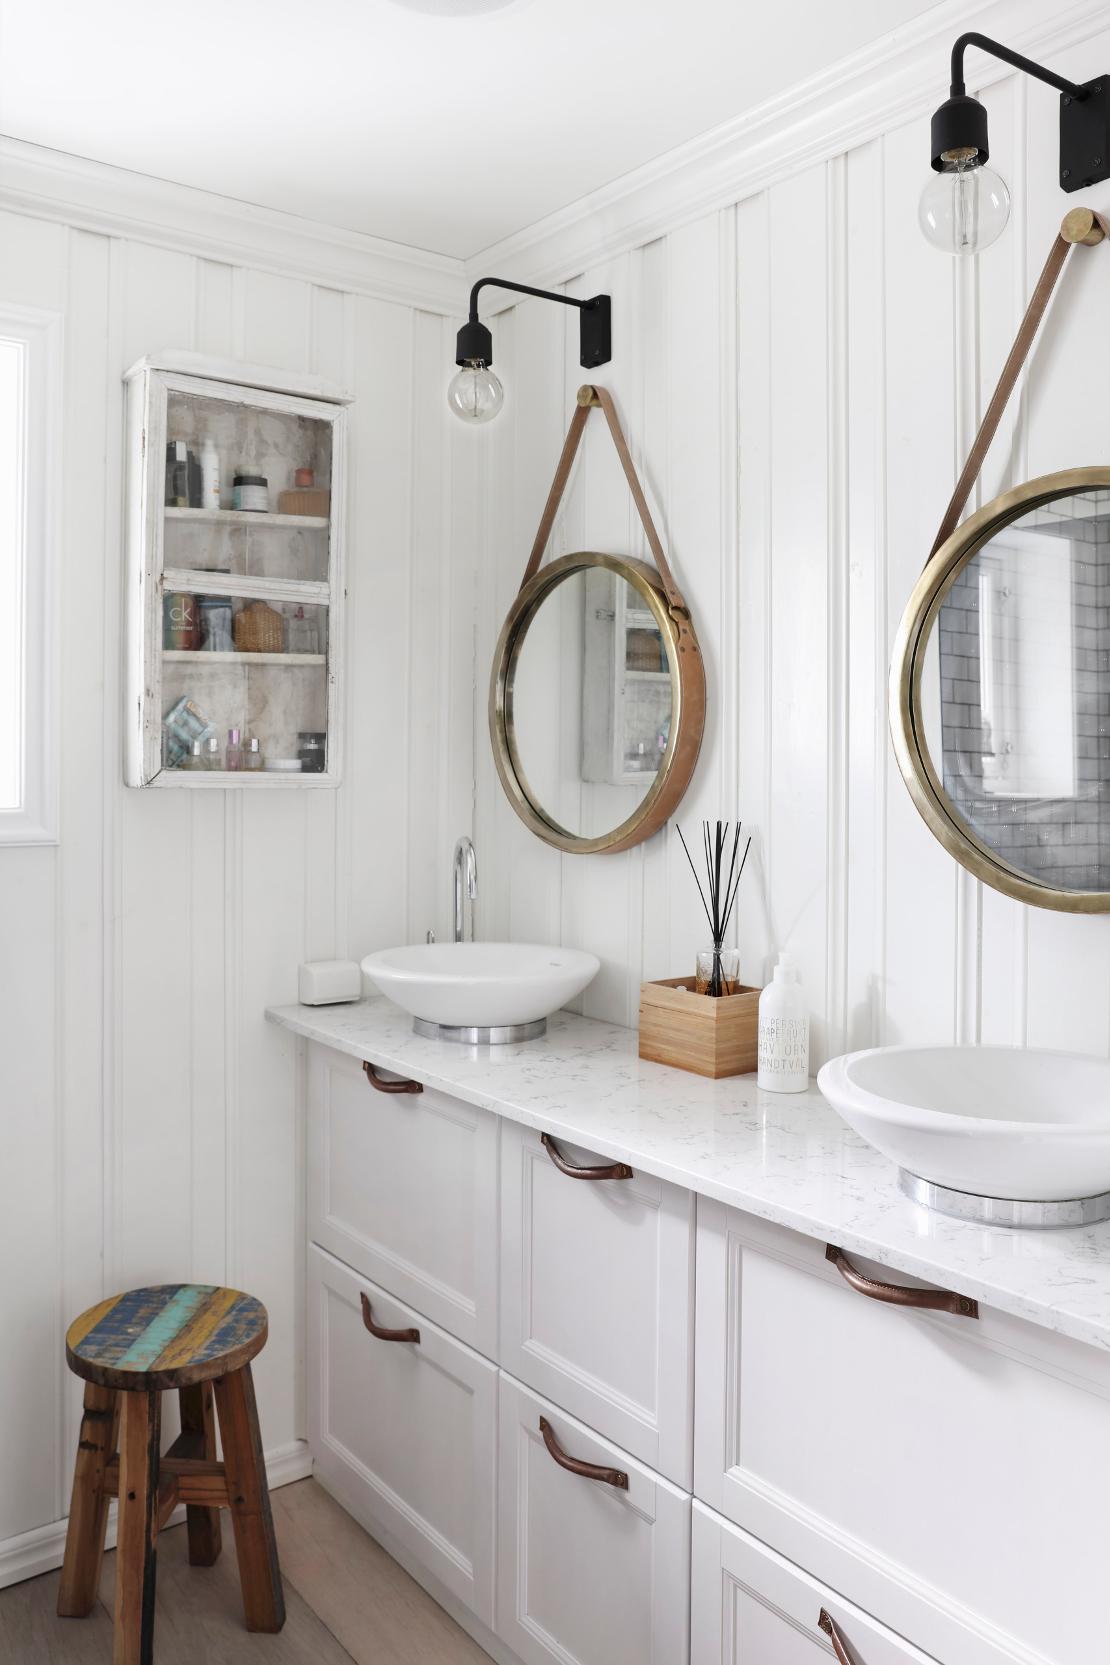 Idee per il bagno come cambiare look westwing magazine - Idee specchi per bagno ...